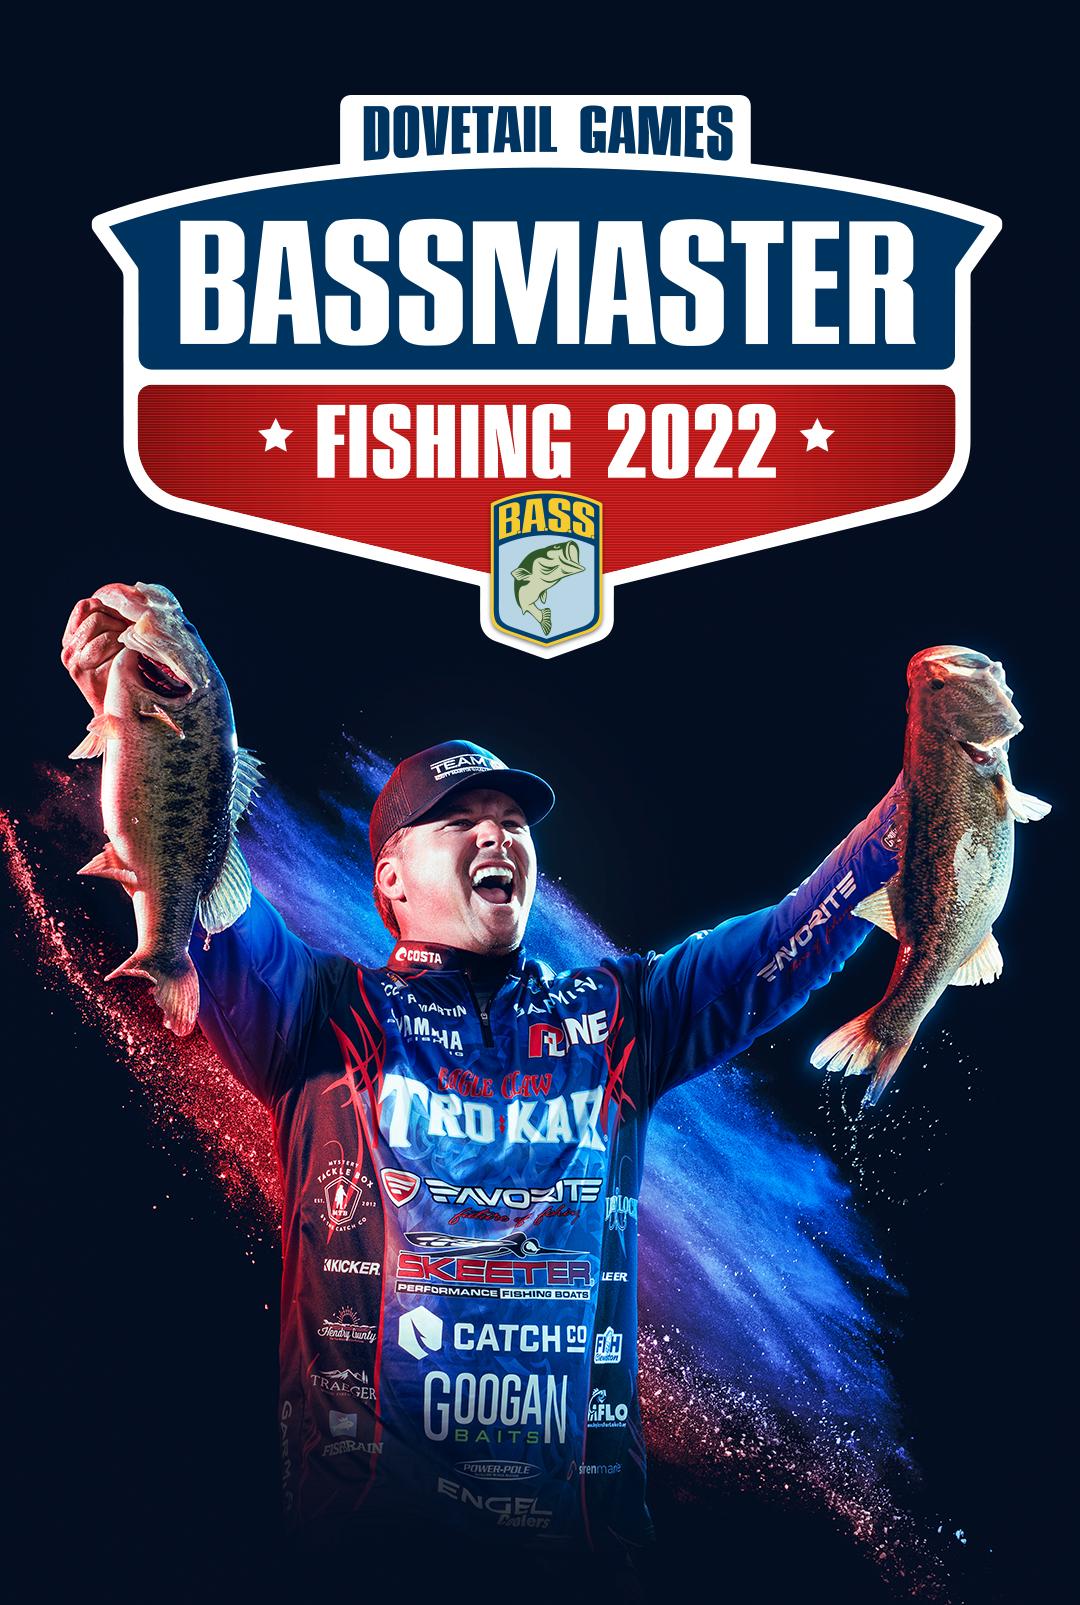 DovetailGames_Bassmaster_Fishing2022_1080x1605